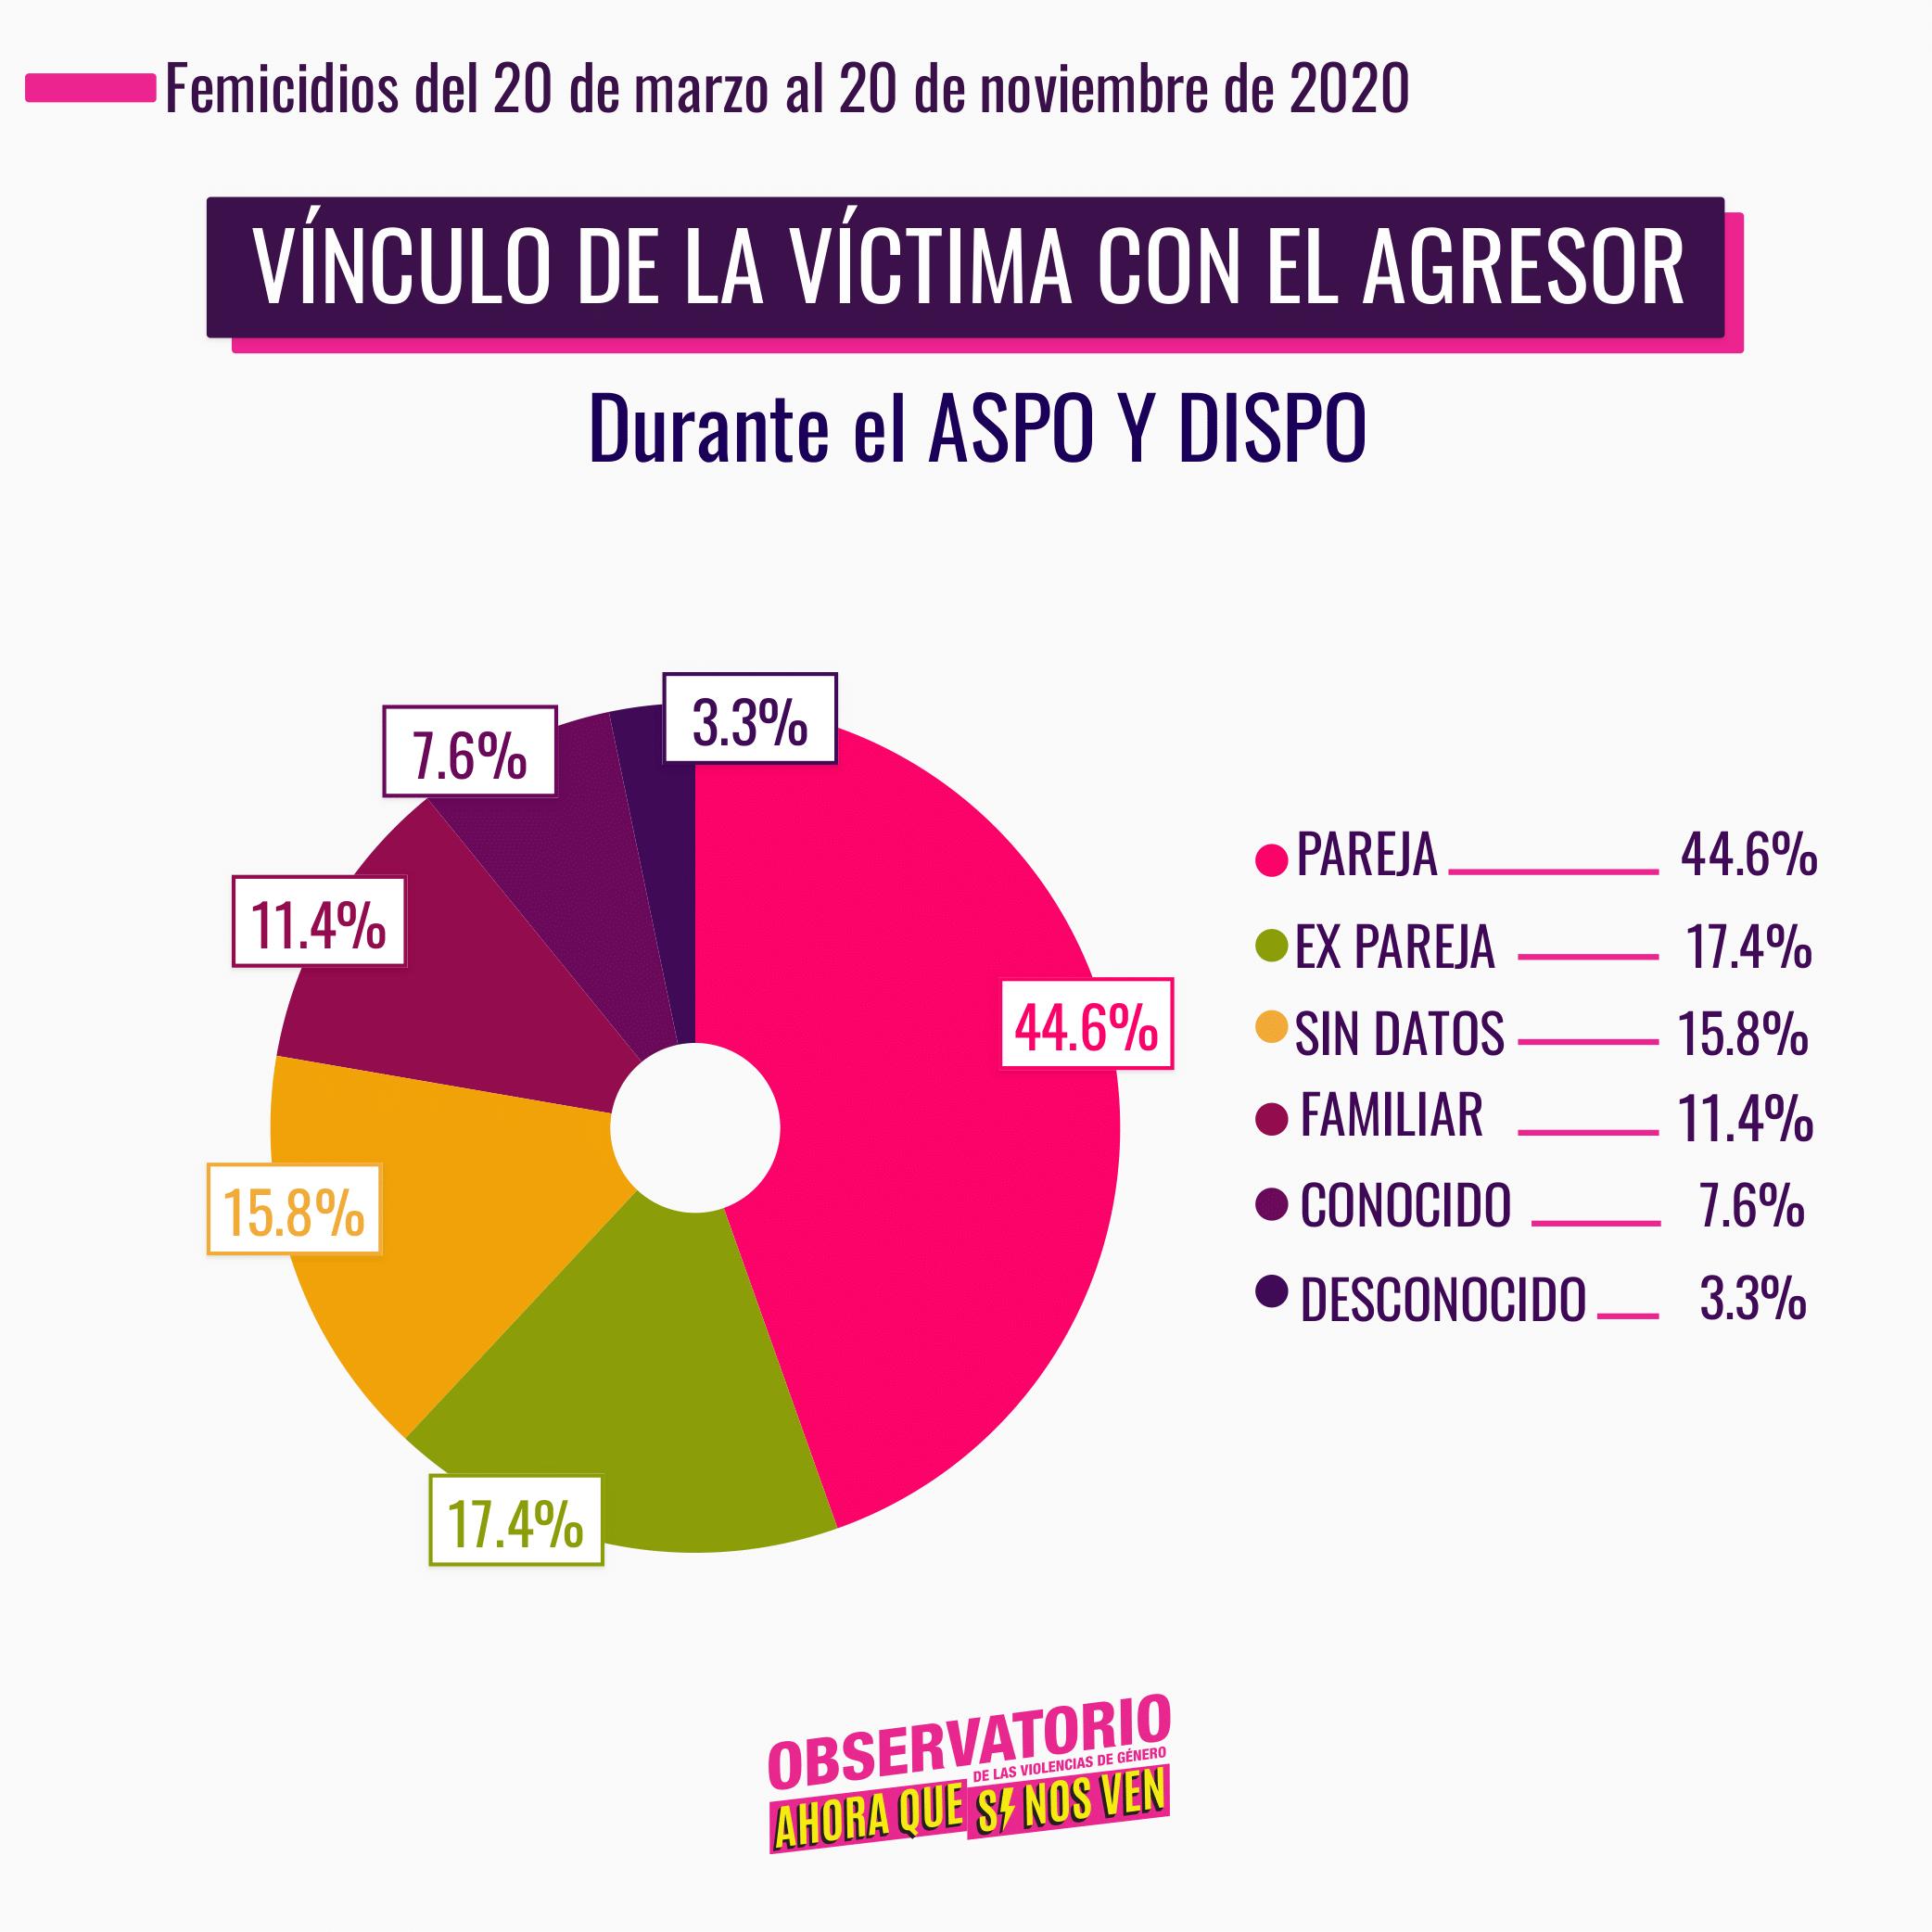 vinculo con el agresor durante ASPO y DISPO, Pareja 44.6%, Ex pareja 17.4%